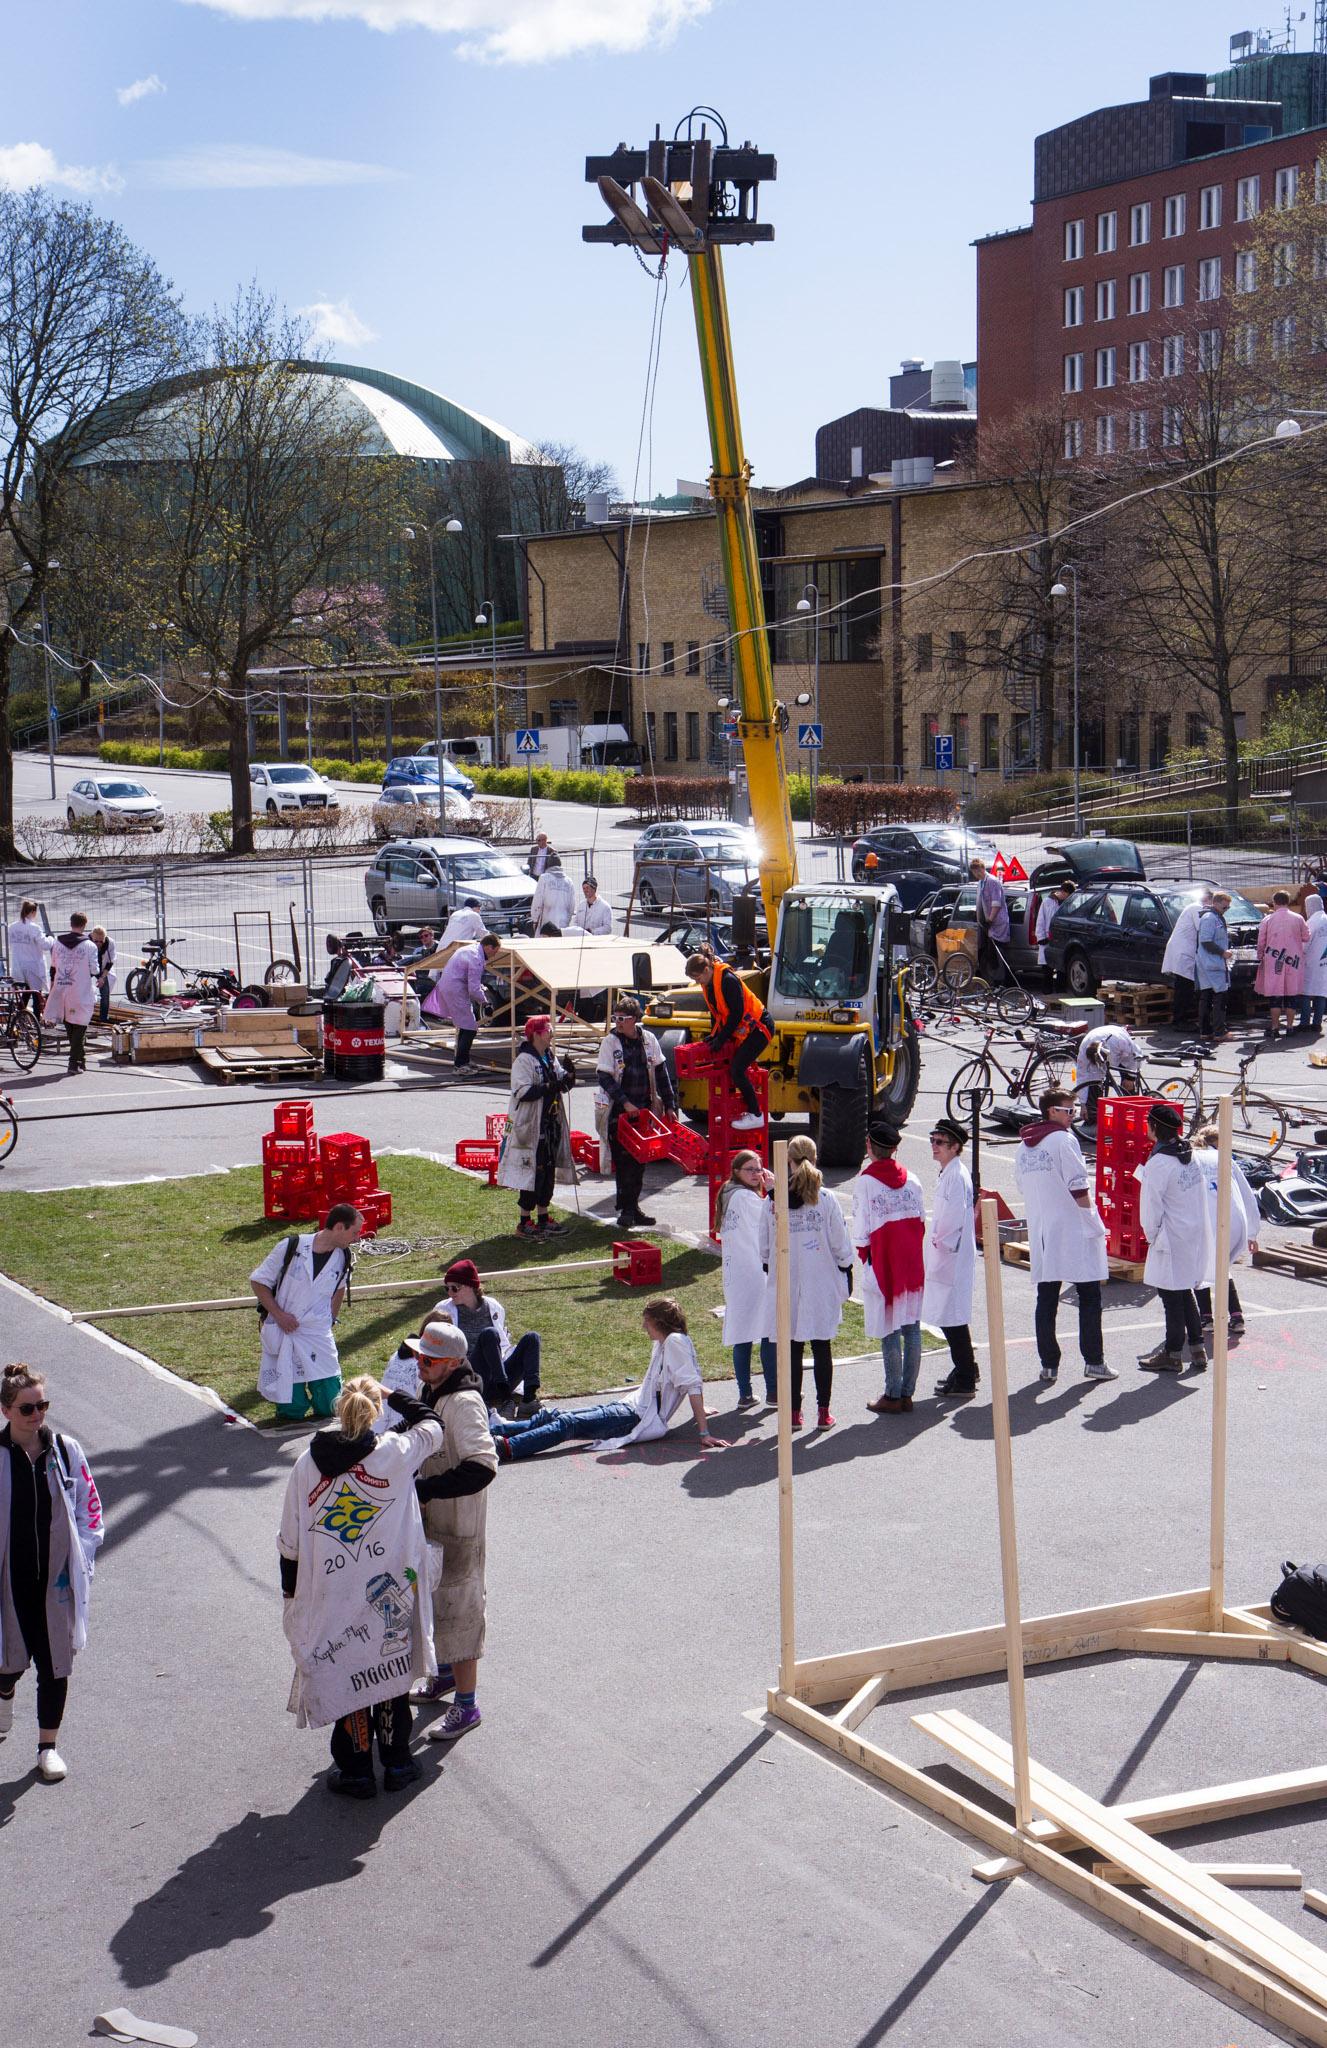 Byggplatsen-dag-4-VictorBerghAlvergren-39